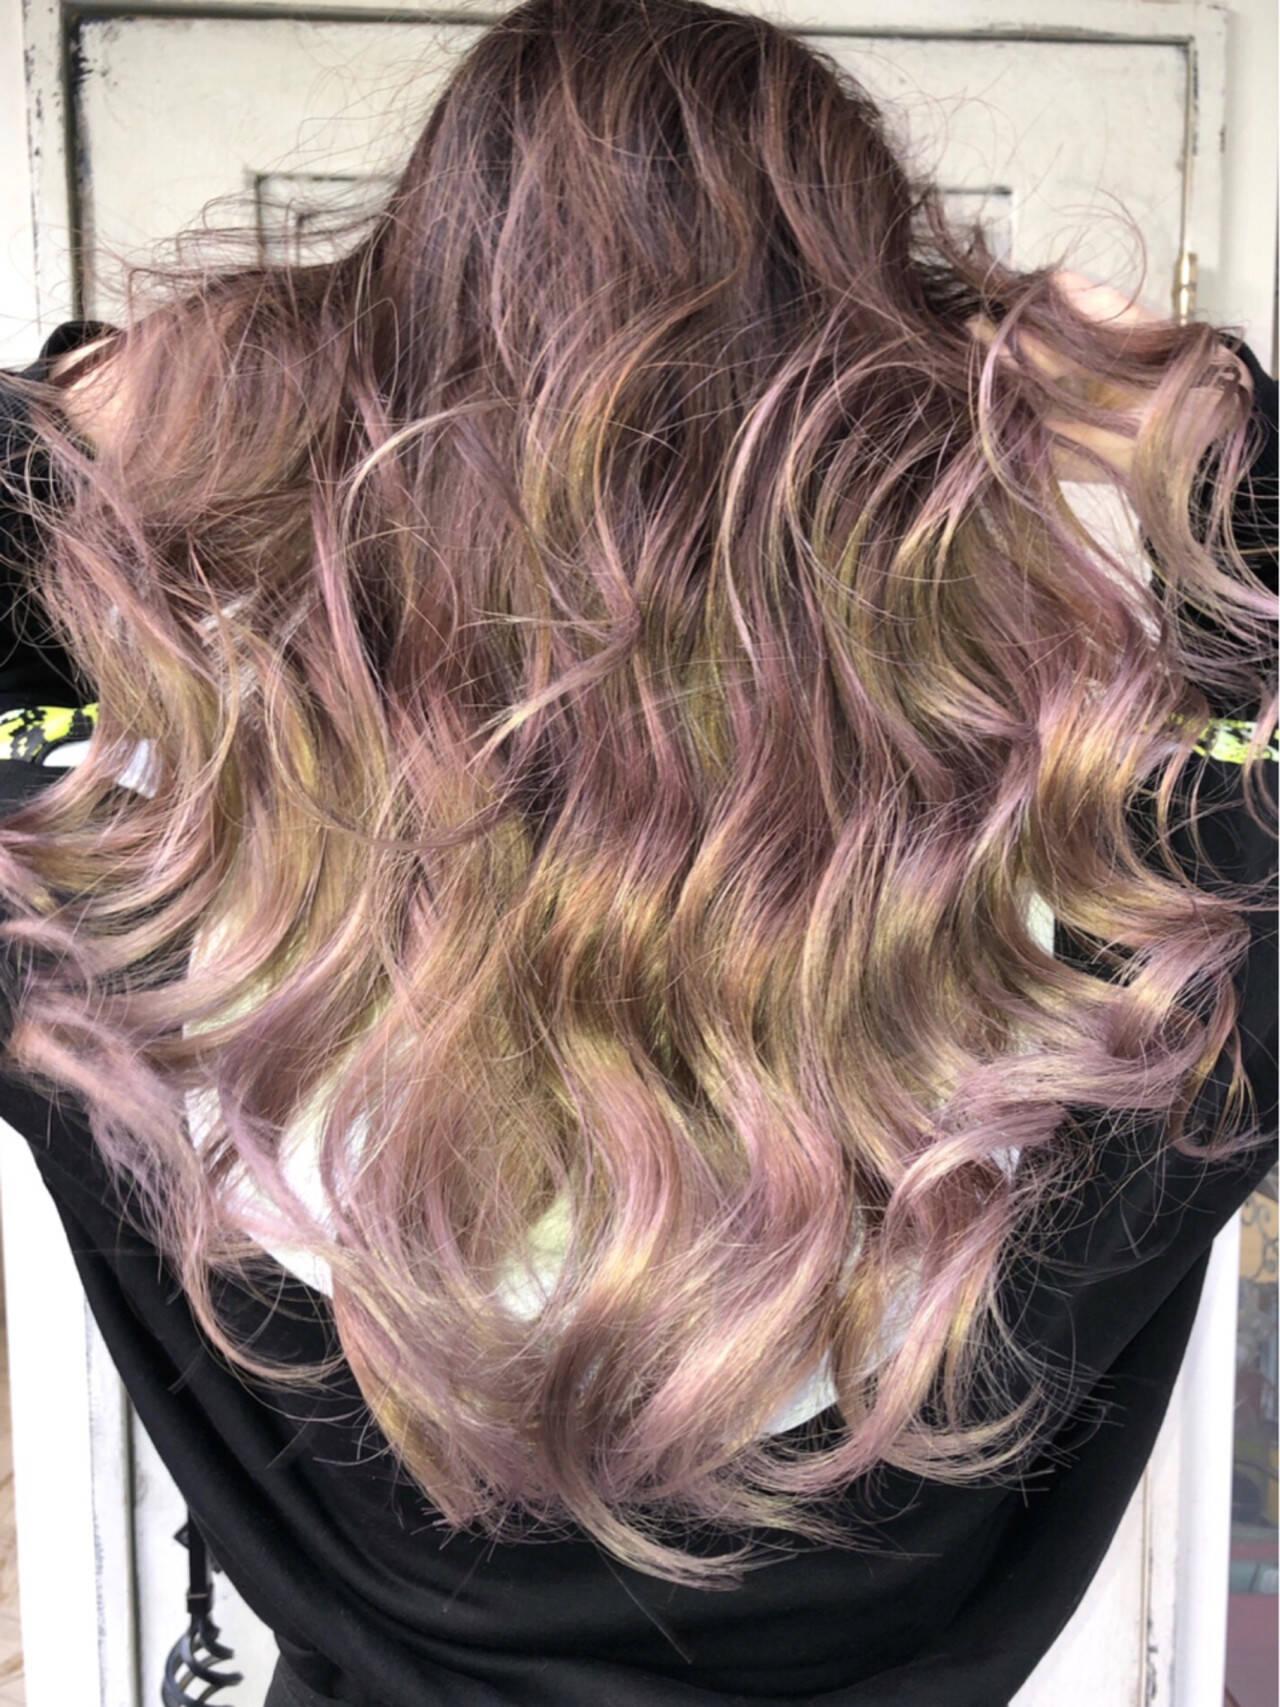 バレイヤージュ ベージュ ミルクティーベージュ ロングヘアスタイルや髪型の写真・画像